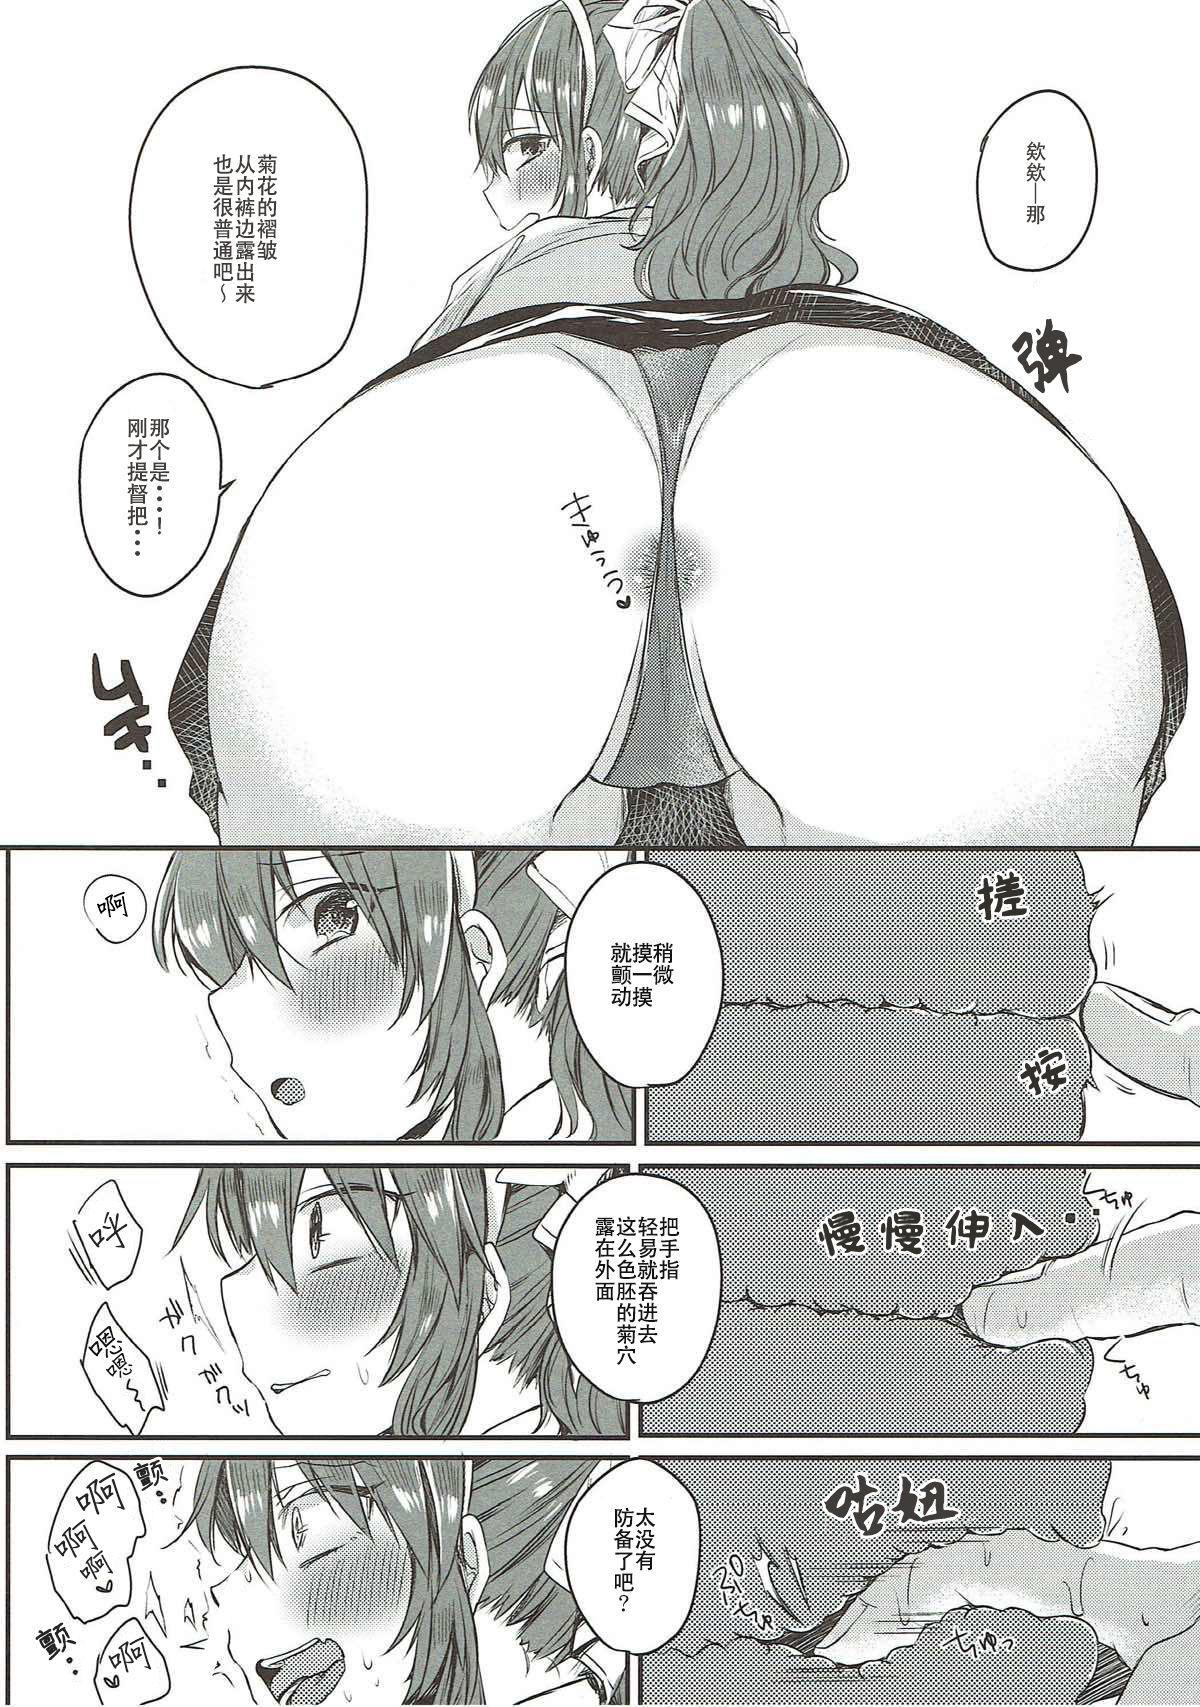 Ashigara-san to Anal de Ecchi Suru Hon 4